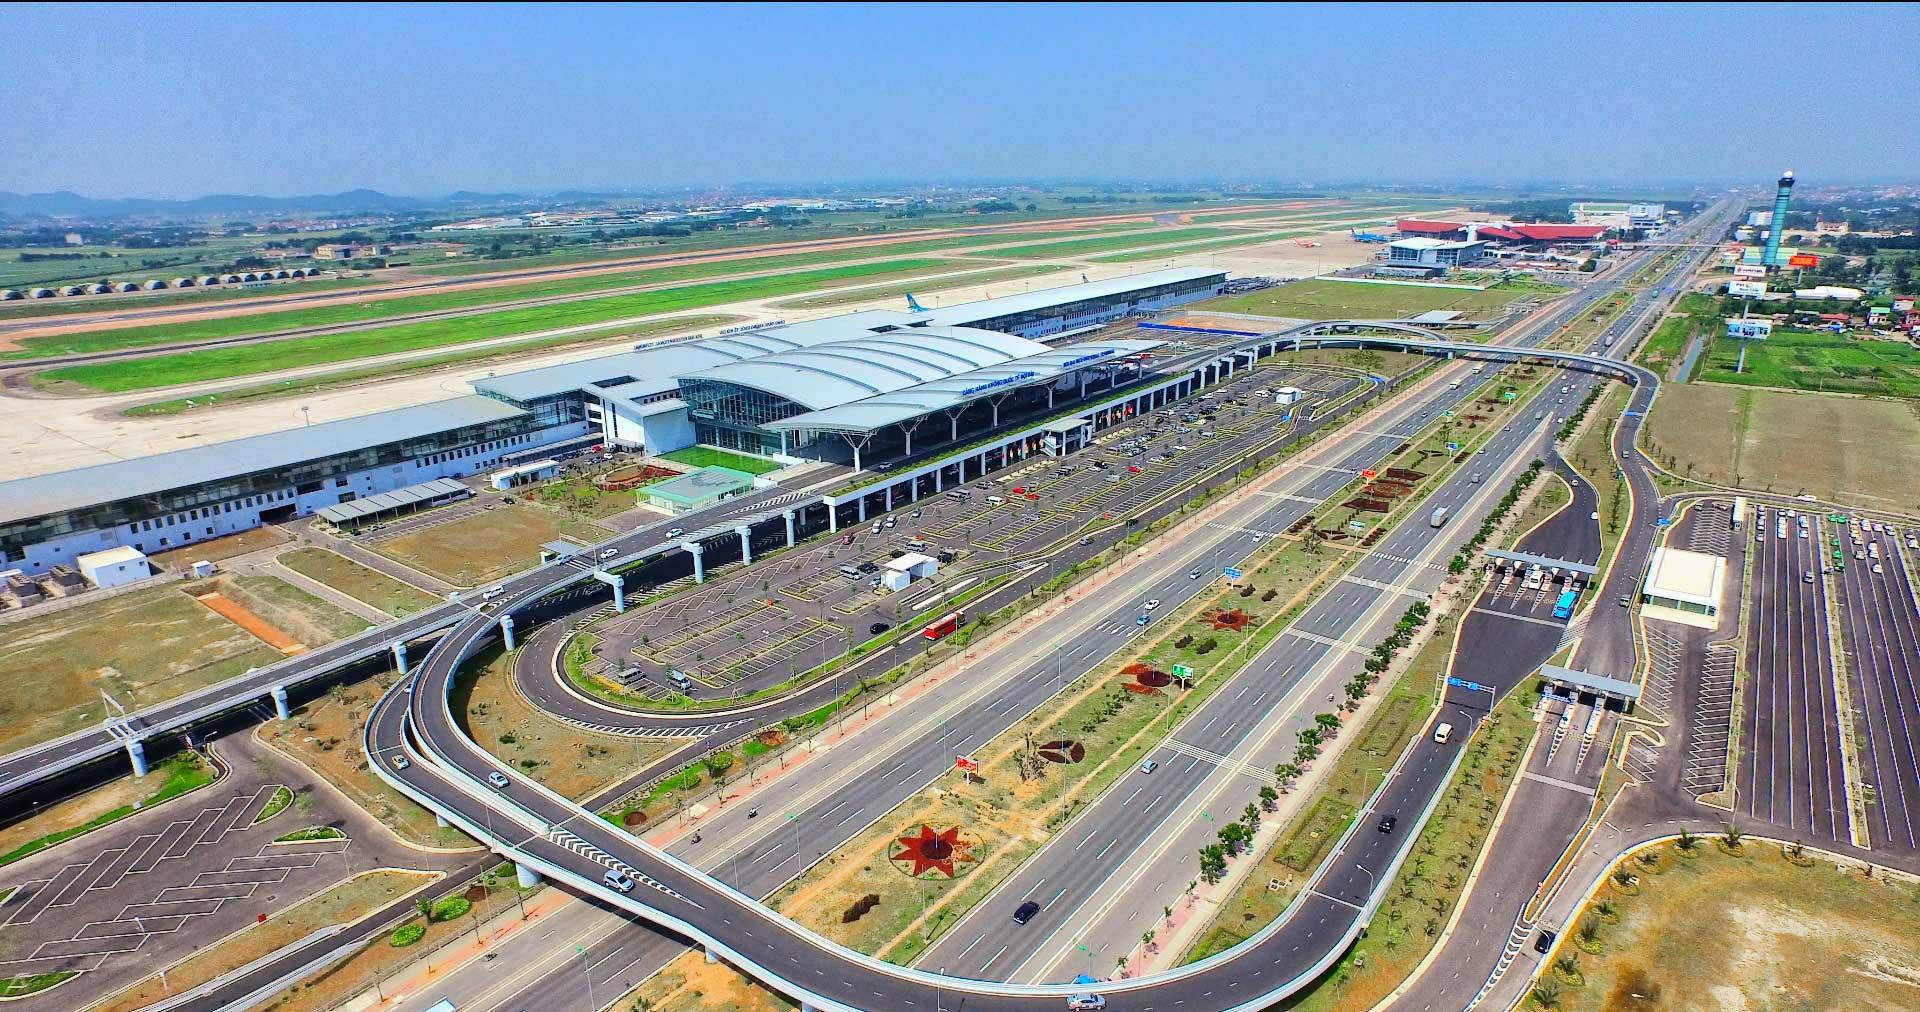 Tổng công ty cảng hàng không ACV được yêu cầu không chi quá 7.317 tỷ đồng vốn đầu tư năm nay (2/5/2019)